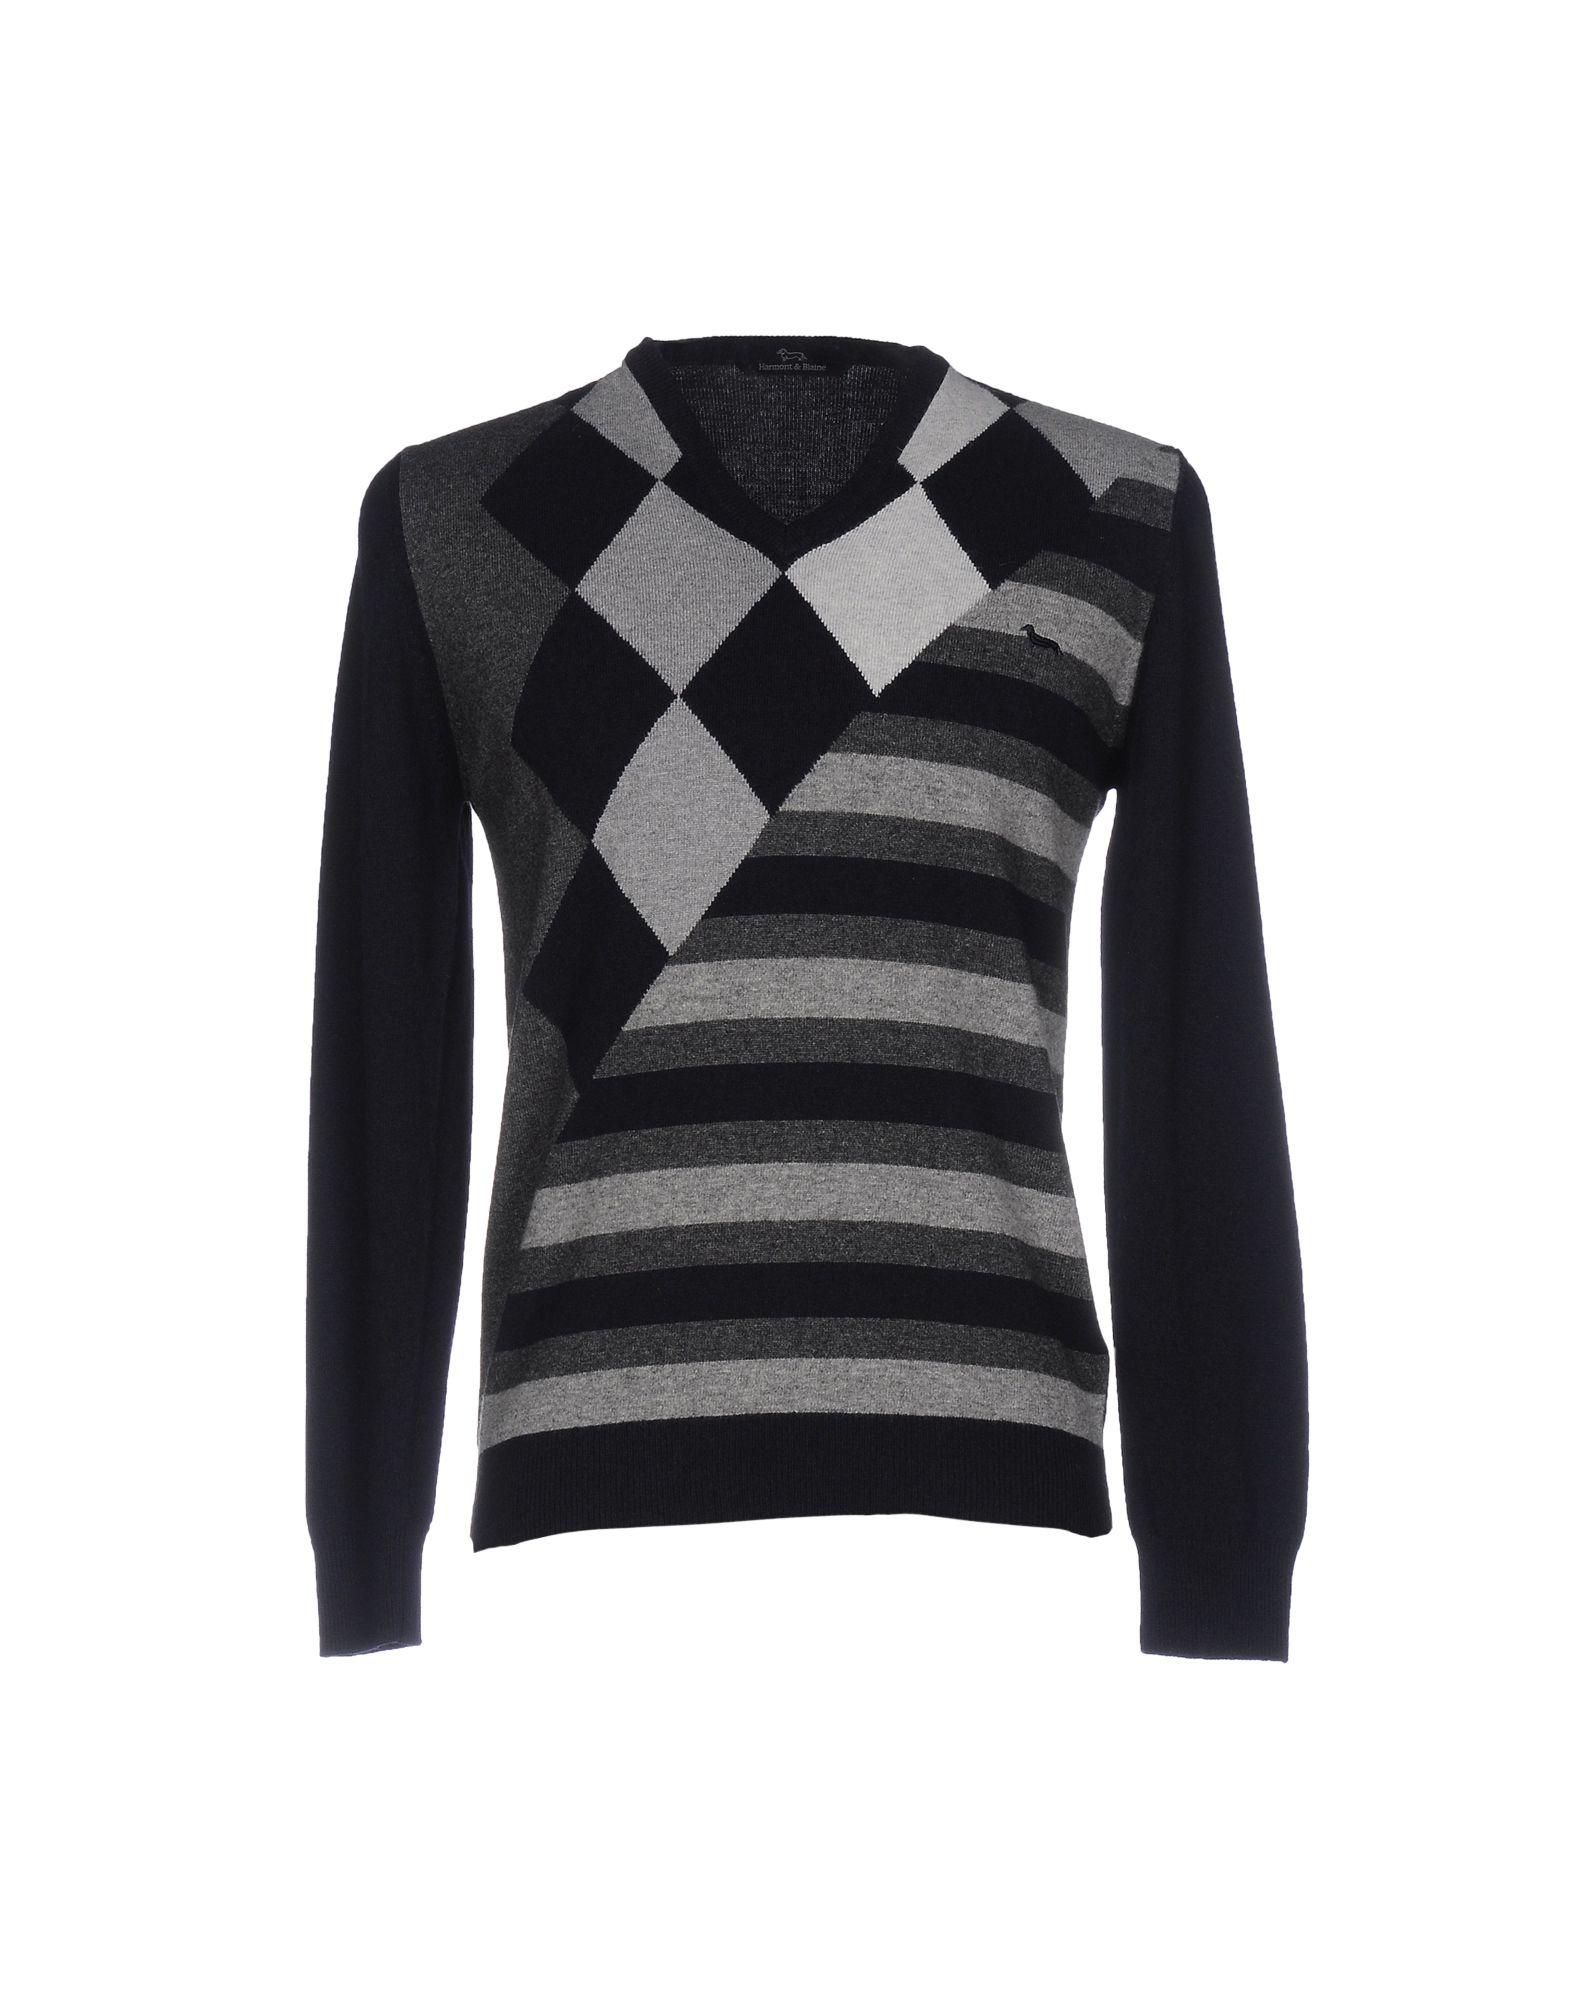 HARMONT&BLAINE Herren Pullover Farbe Dunkelblau Größe 4 jetztbilligerkaufen